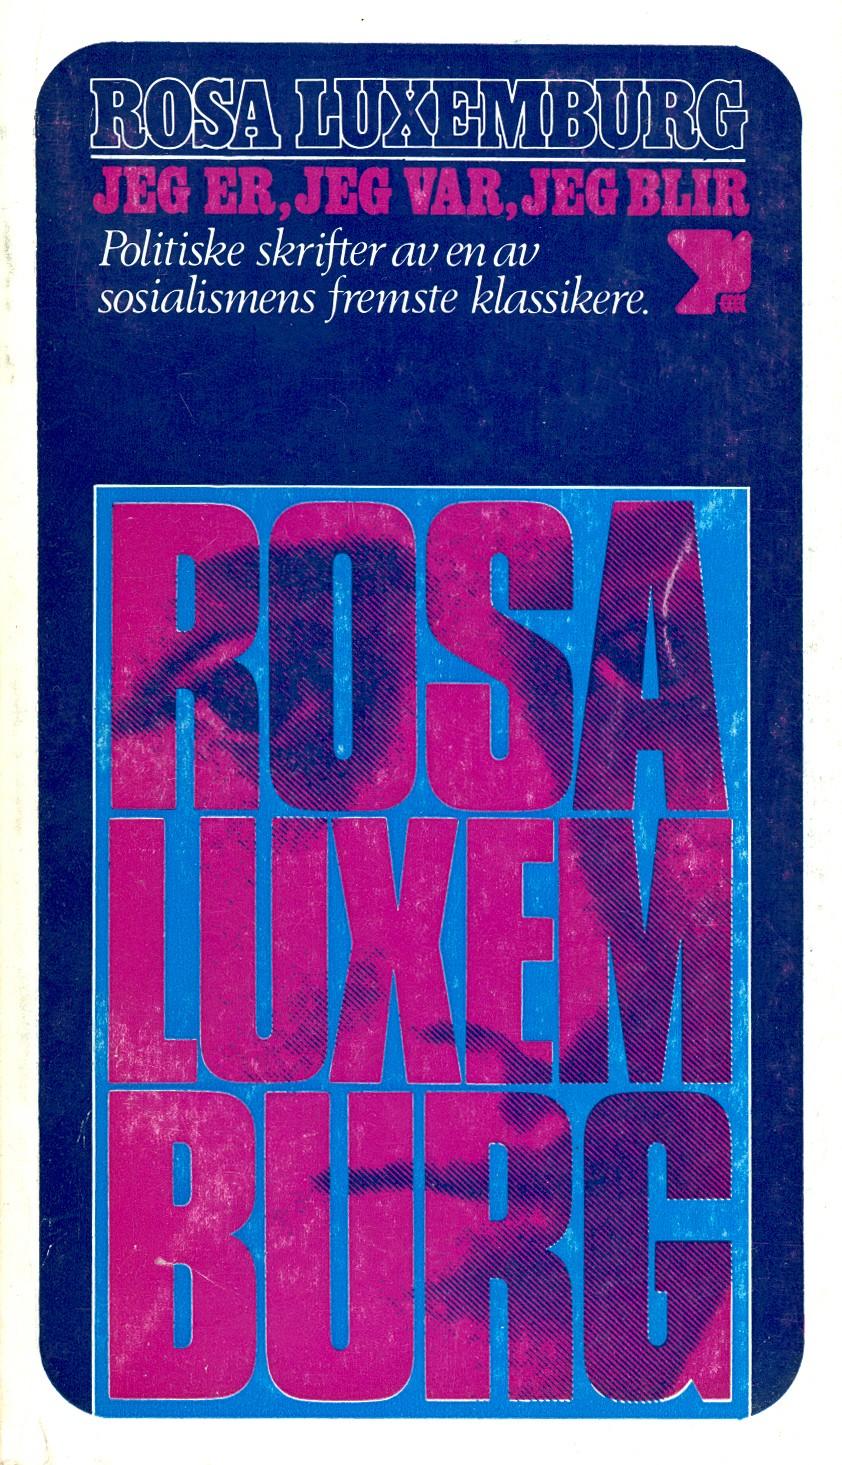 Rosa Luxemburg: Jeg var, jeg er, jeg blir - Politiske skrifter av en av sosialismens fremste klassikere